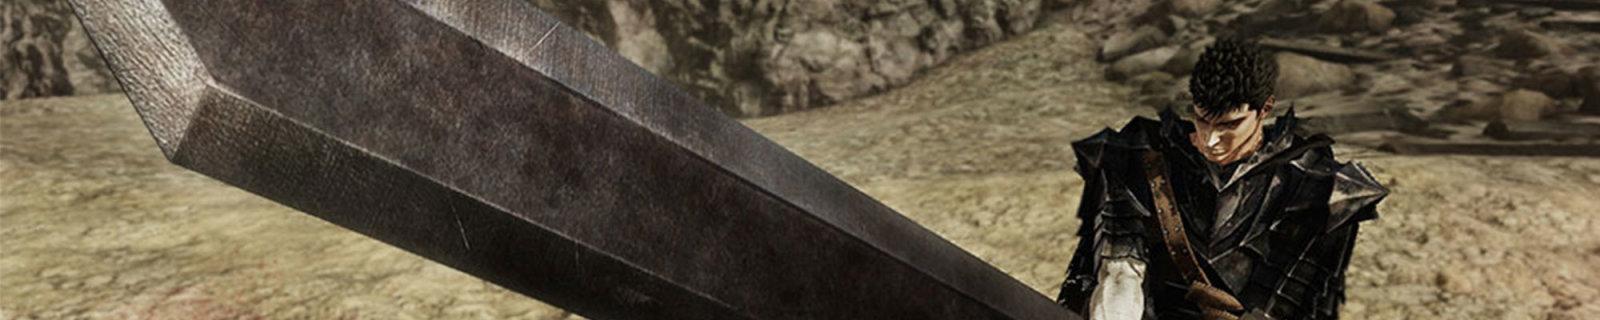 《剑风传奇无双》繁体中文版1月19日发售